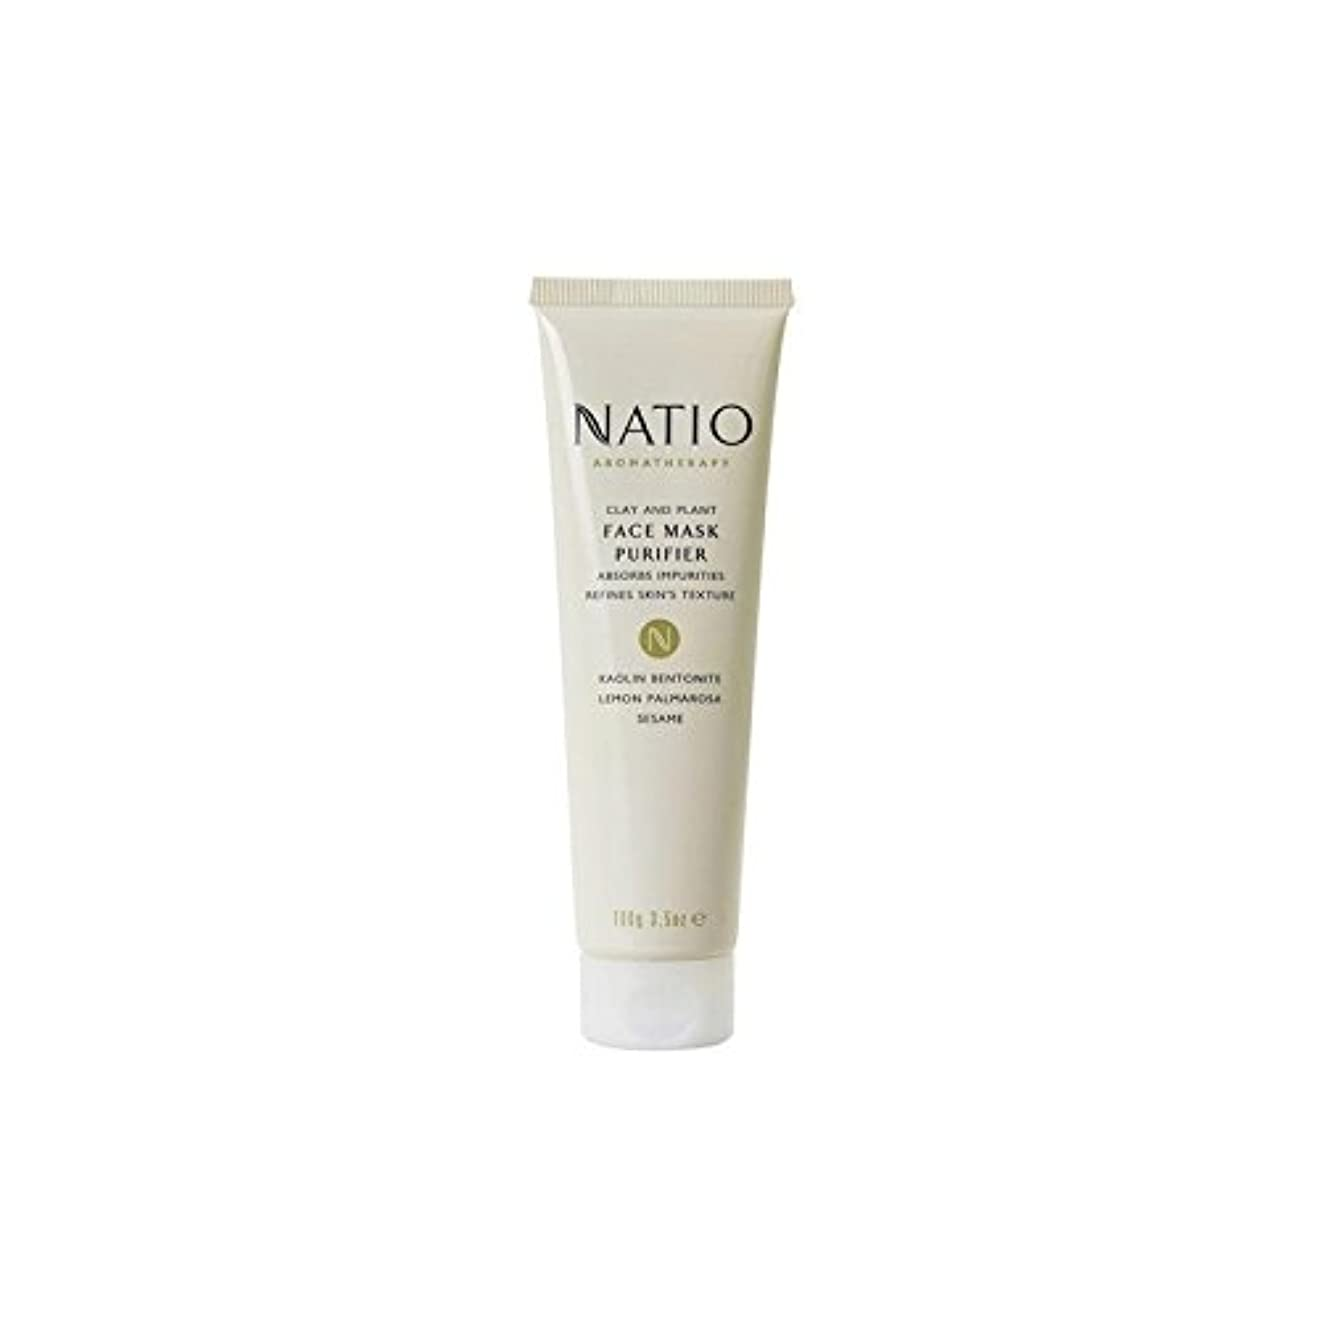 スリル傾向がある爆風粘土&植物フェイスマスクの浄化(100グラム) x4 - Natio Clay & Plant Face Mask Purifier (100G) (Pack of 4) [並行輸入品]